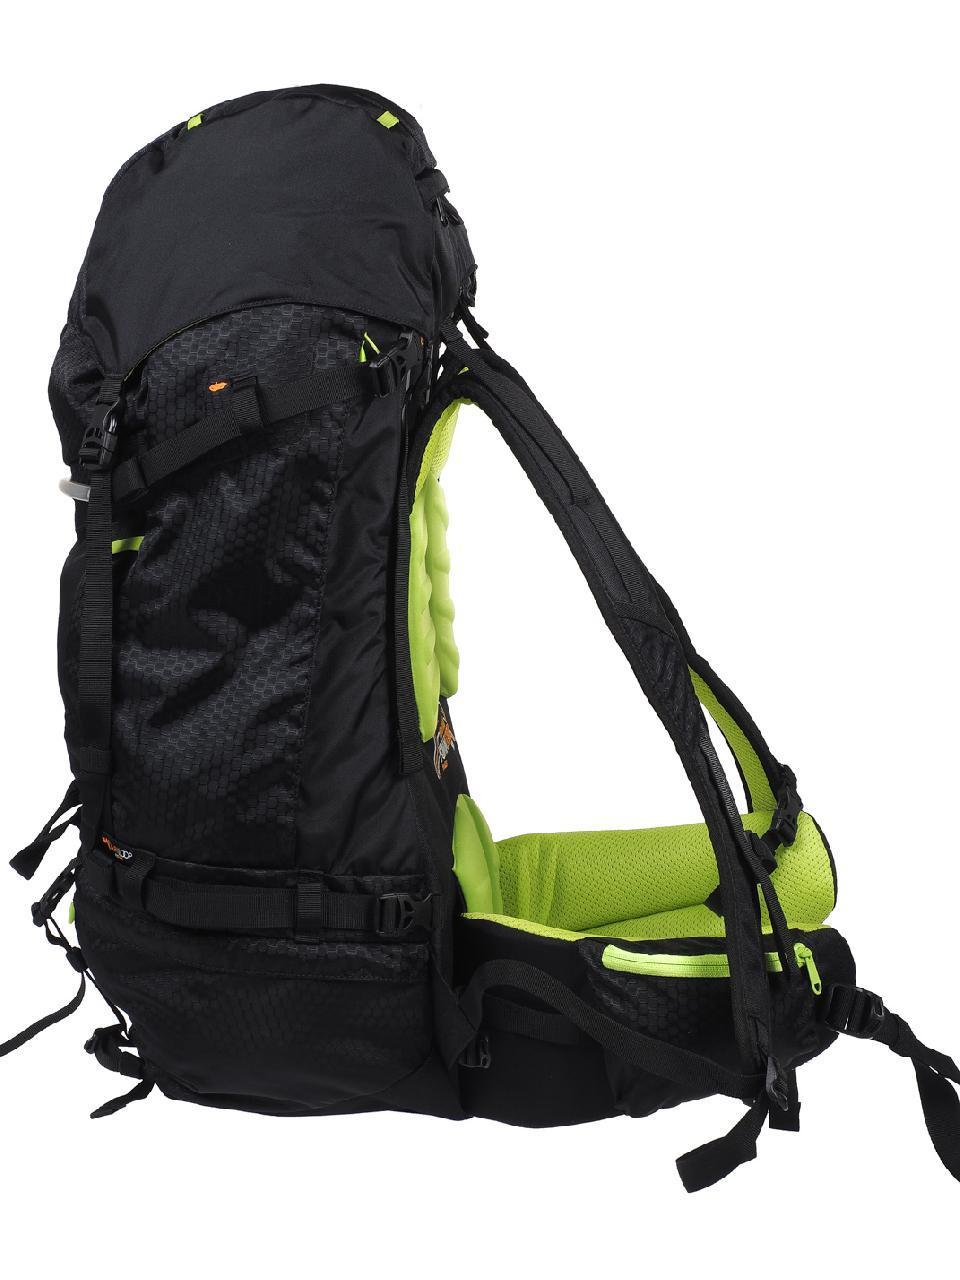 Sac à dos randonnée Ubic 50+10 noir 1.720 kg Noir 15340